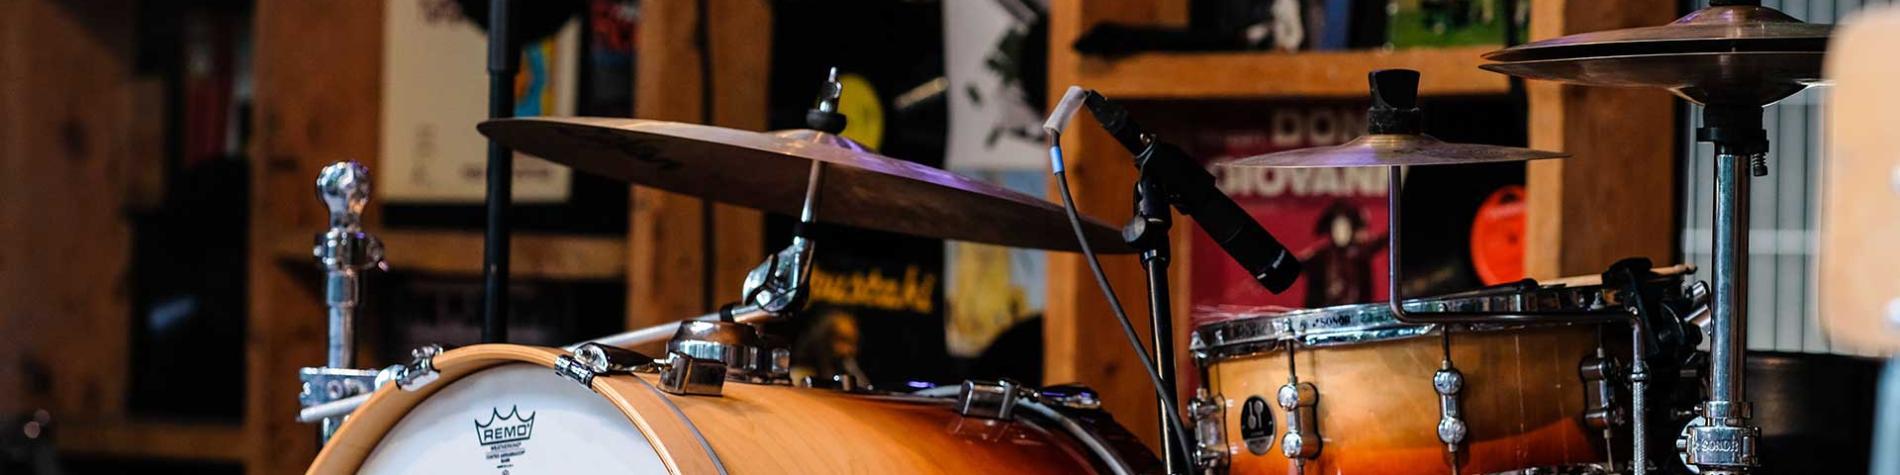 batterie - festival - musique